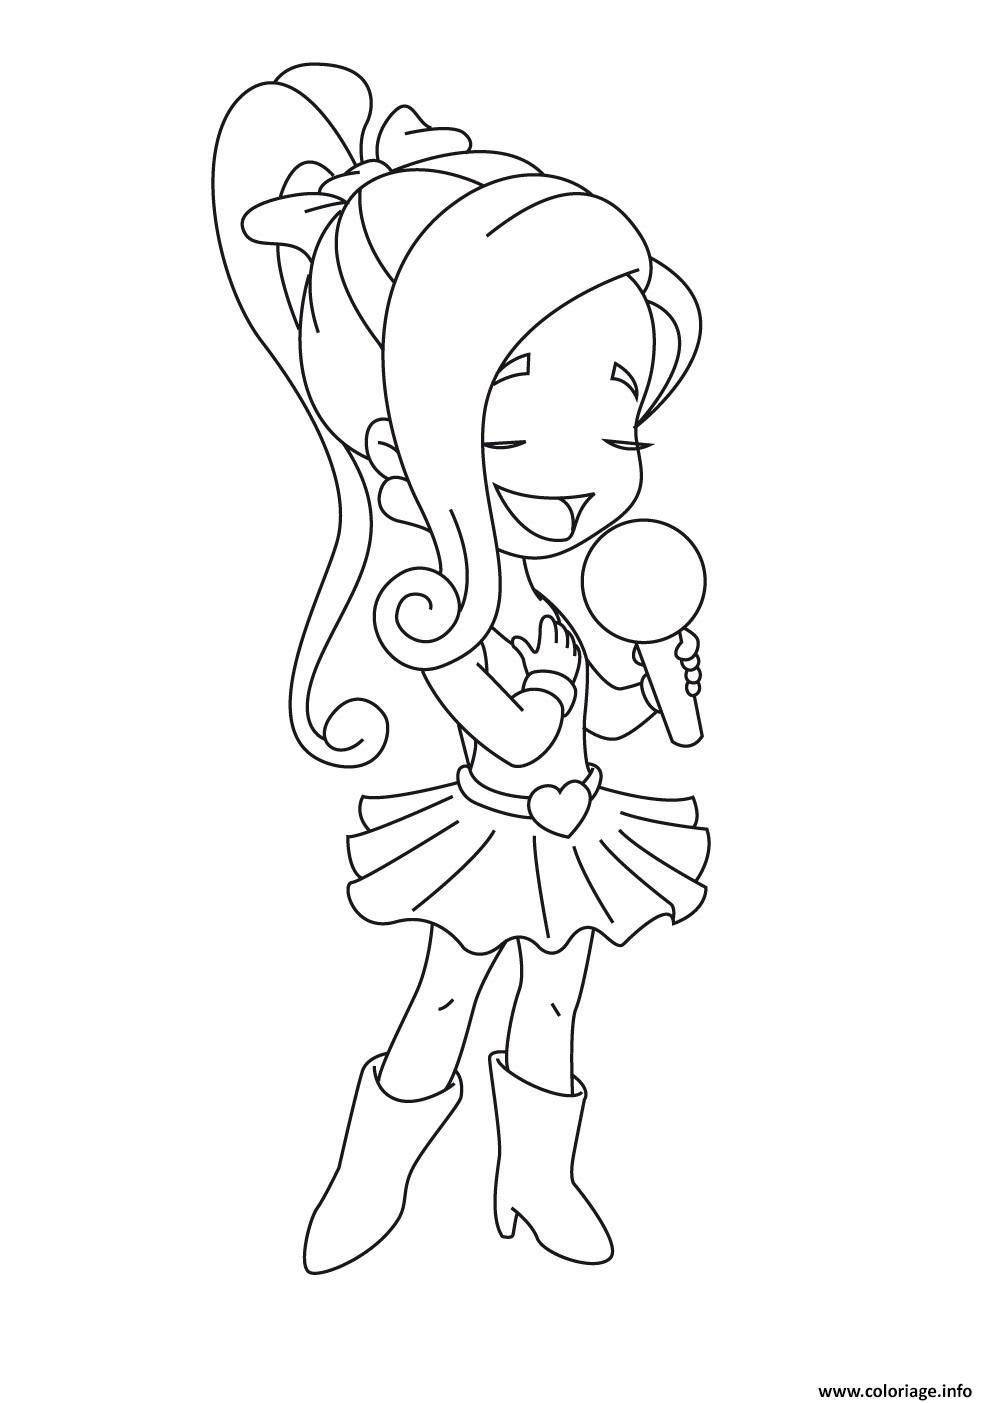 Coloriage Disney Princesse 186 dessin